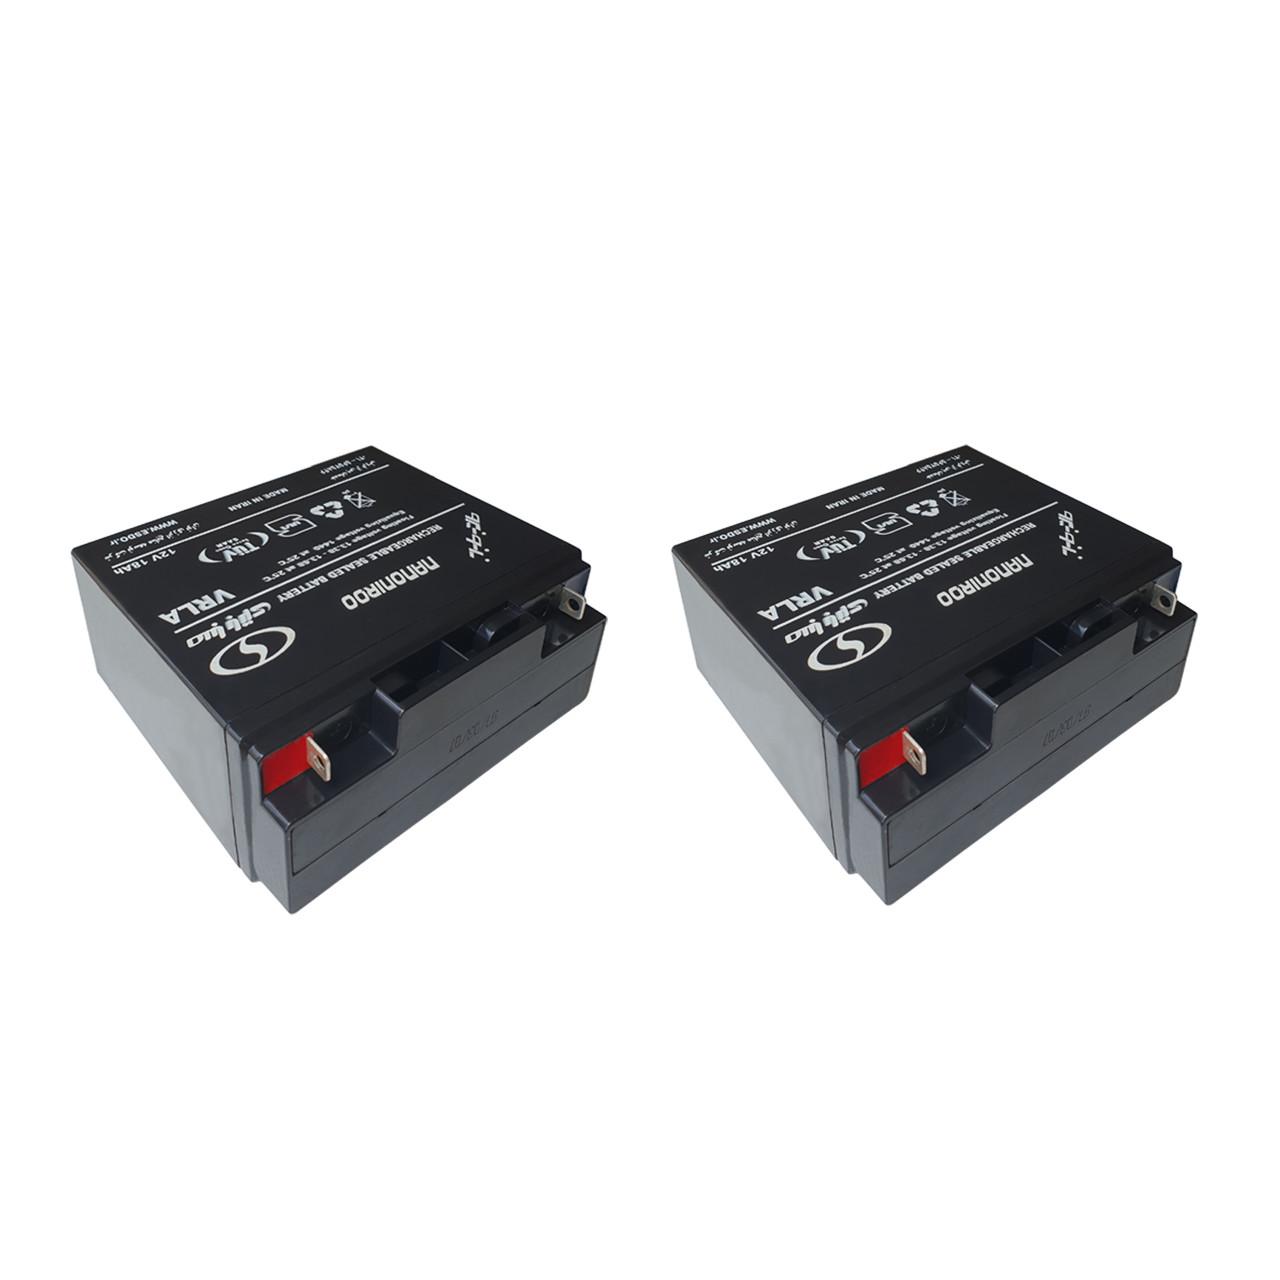 باتری 12 ولت 18 آمپر صبا باتری  مدل 12V-18Ah بسته دو عددی